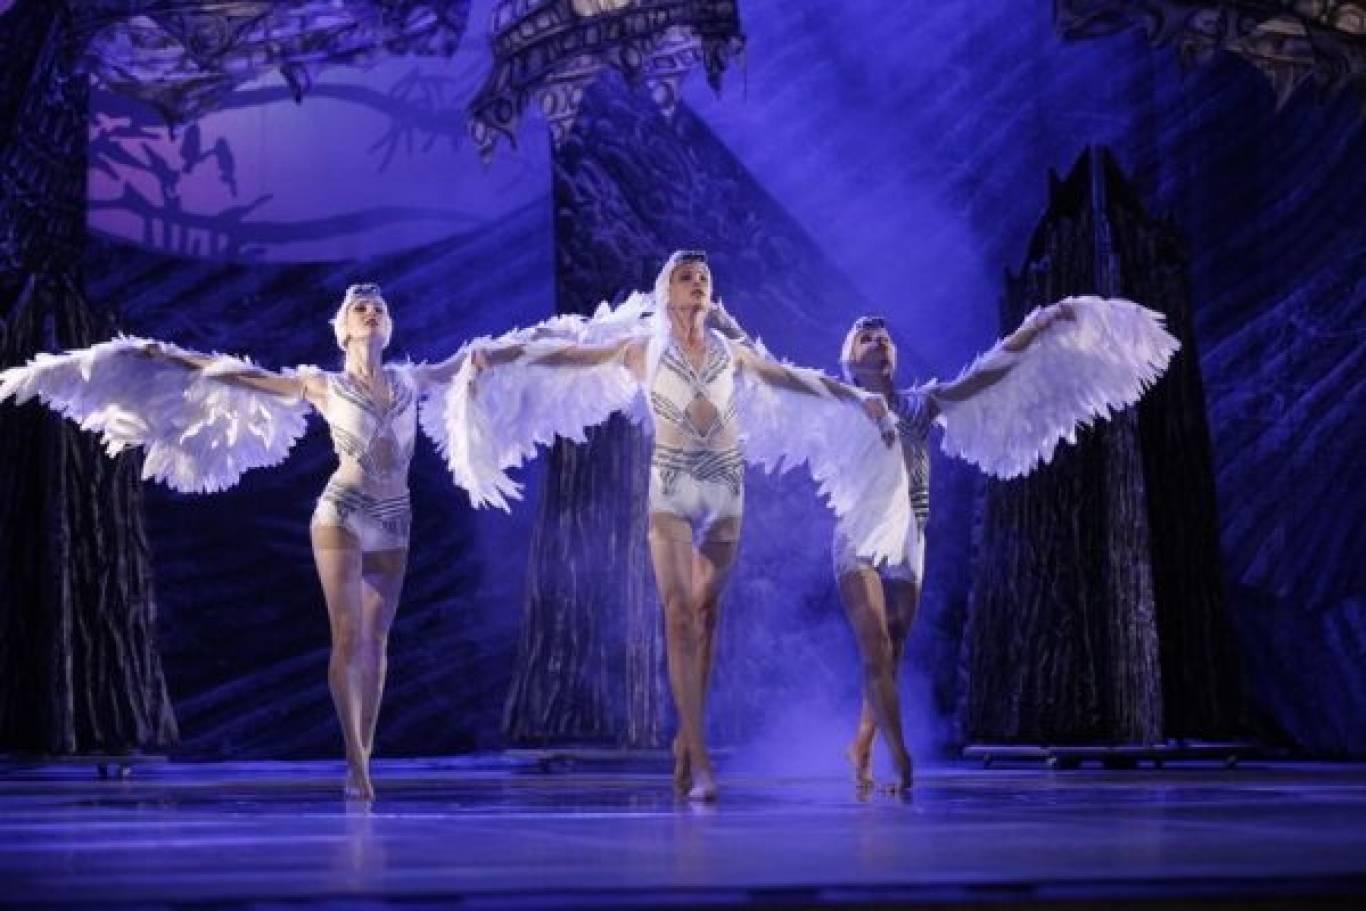 Лебедине озеро - балет від Радо Поклітару